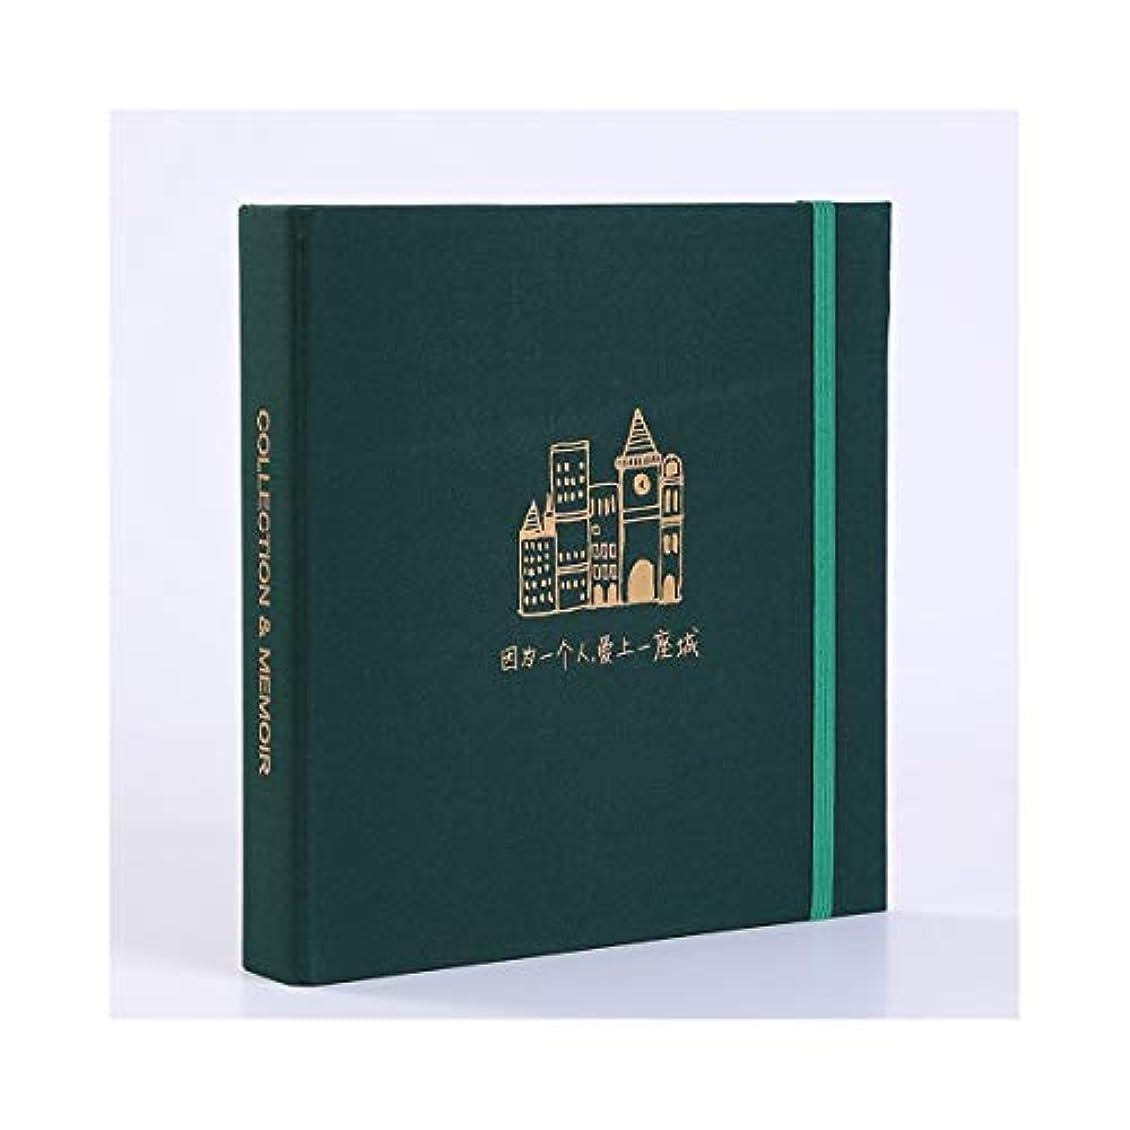 満足できる最少上がるRLYBDL トラベルフォトアルバム、チケットムービーチケット入場料コレクションブック、トラベルアルバム (Color : C)